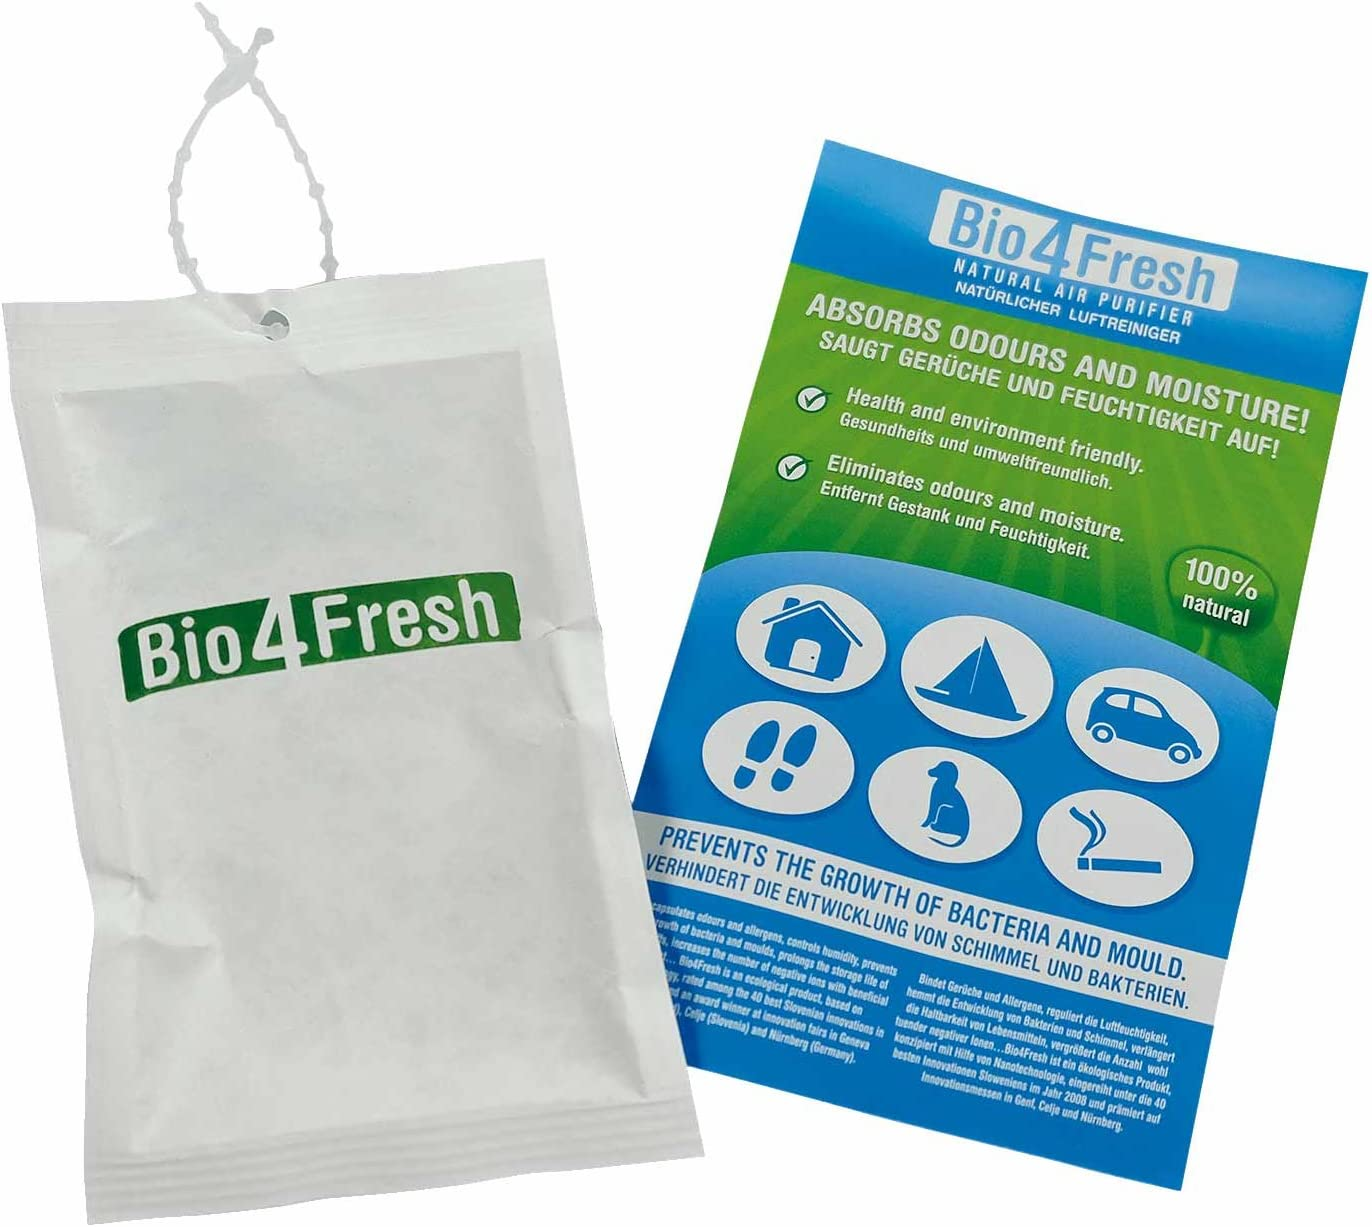 Olor absorber bio4 Fresh: Amazon.es: Salud y cuidado personal